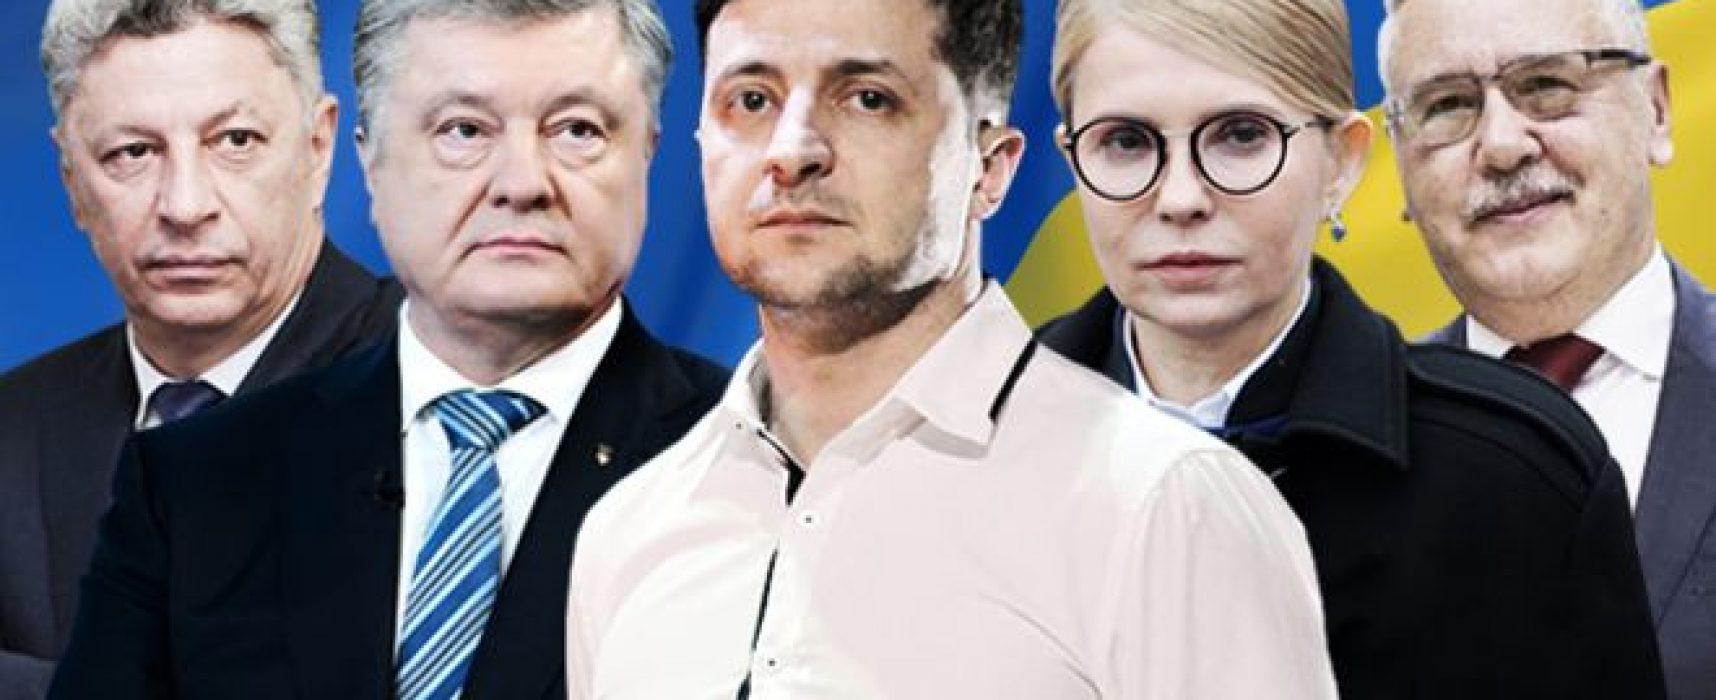 Live-Ticker zur Ukrainischen Präsidentschaftswahl